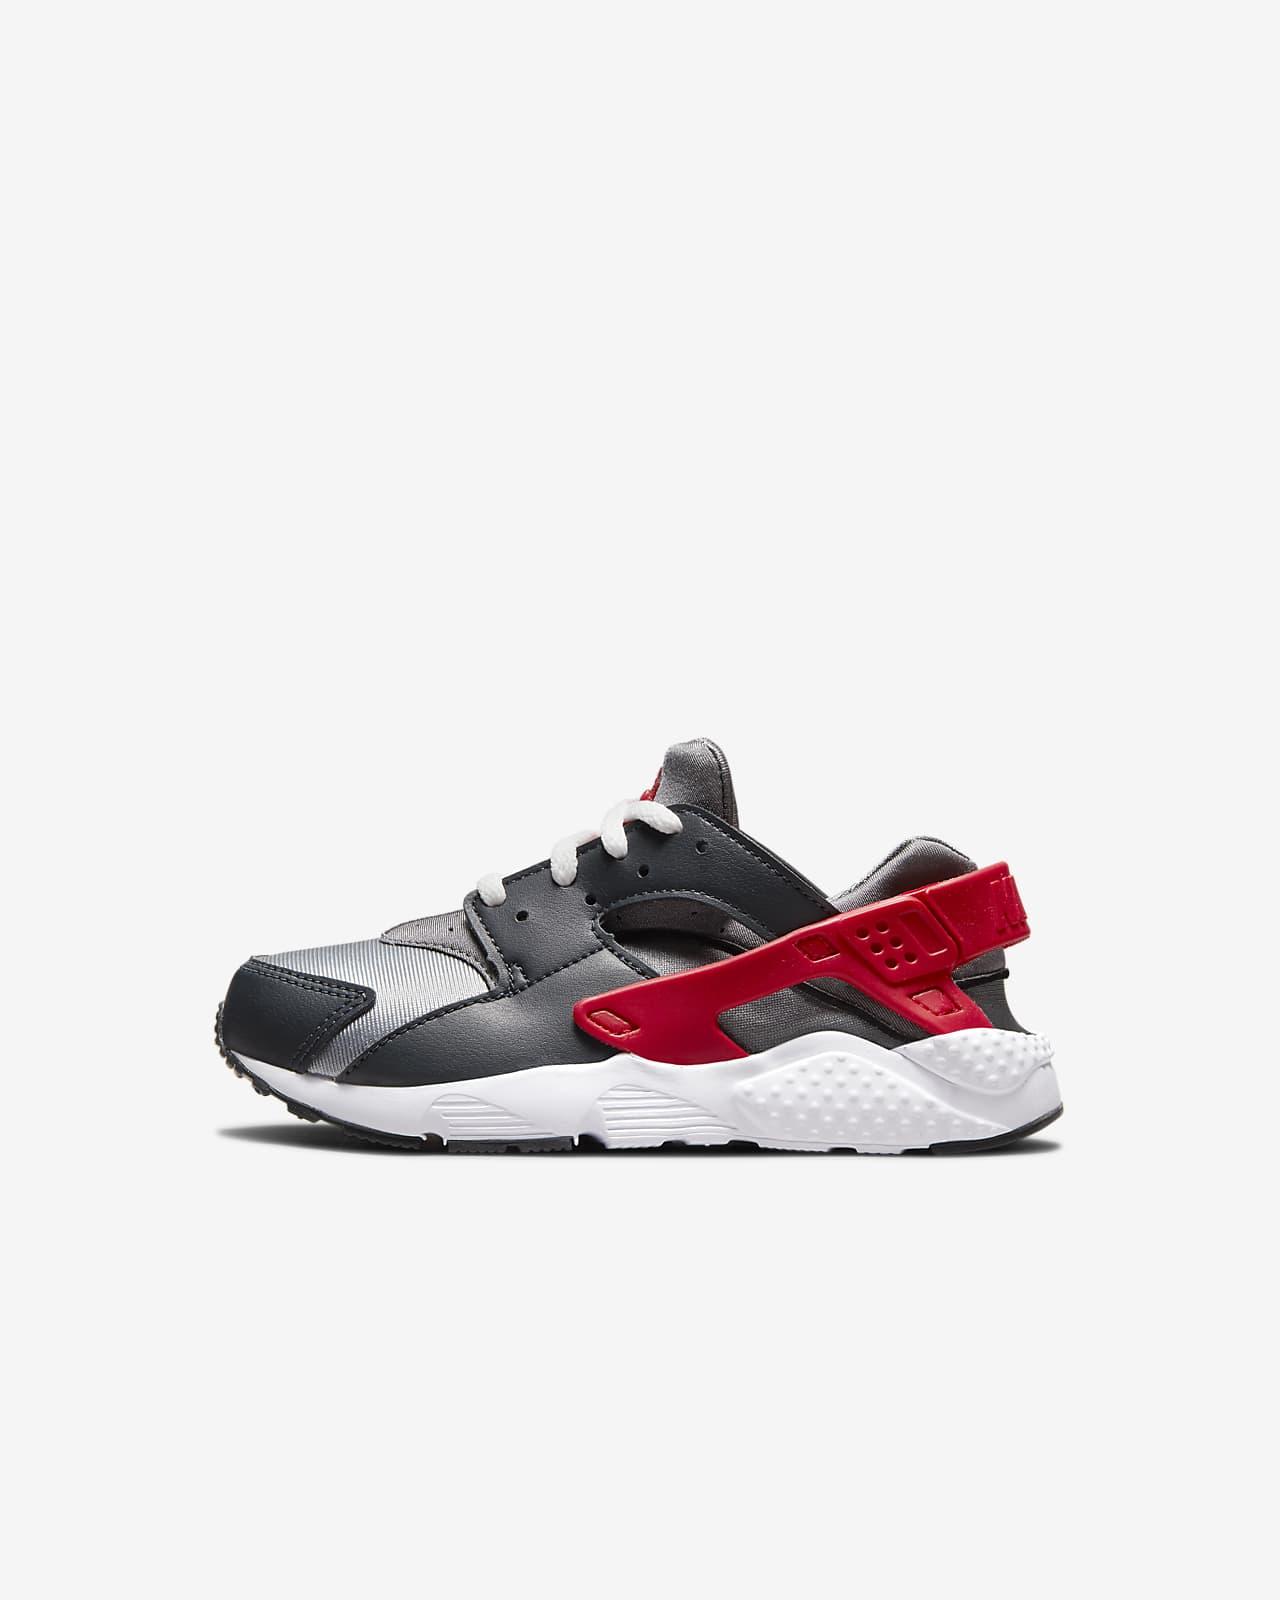 Παπούτσι Nike Huarache Run για μικρά παιδιά